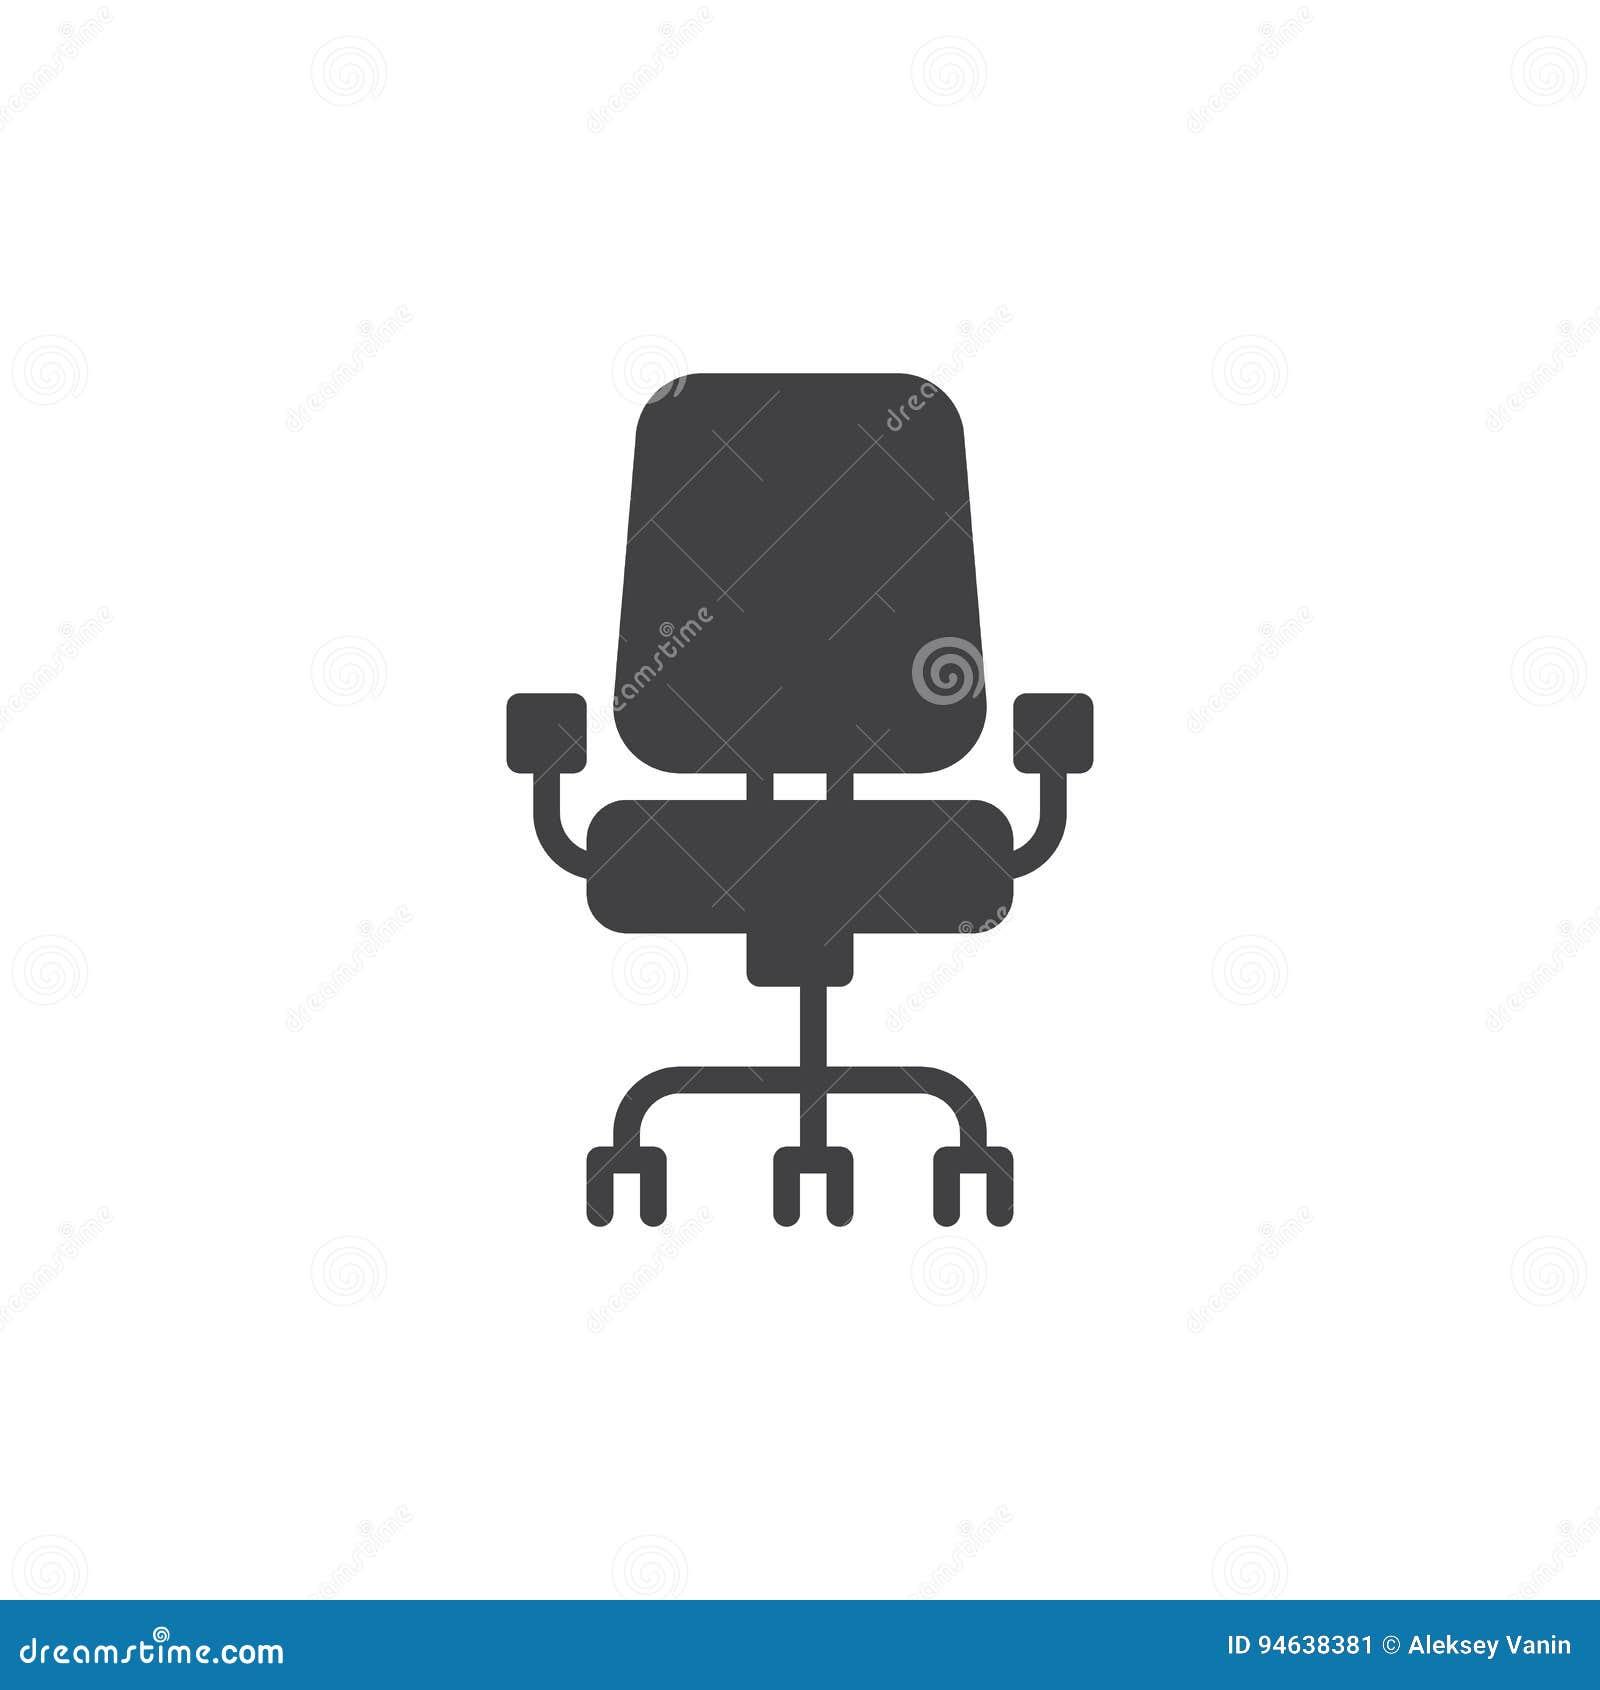 Vecteur D Icne De Chaise Bureau Signe Plat Rempli Pictogramme Solide Isolement